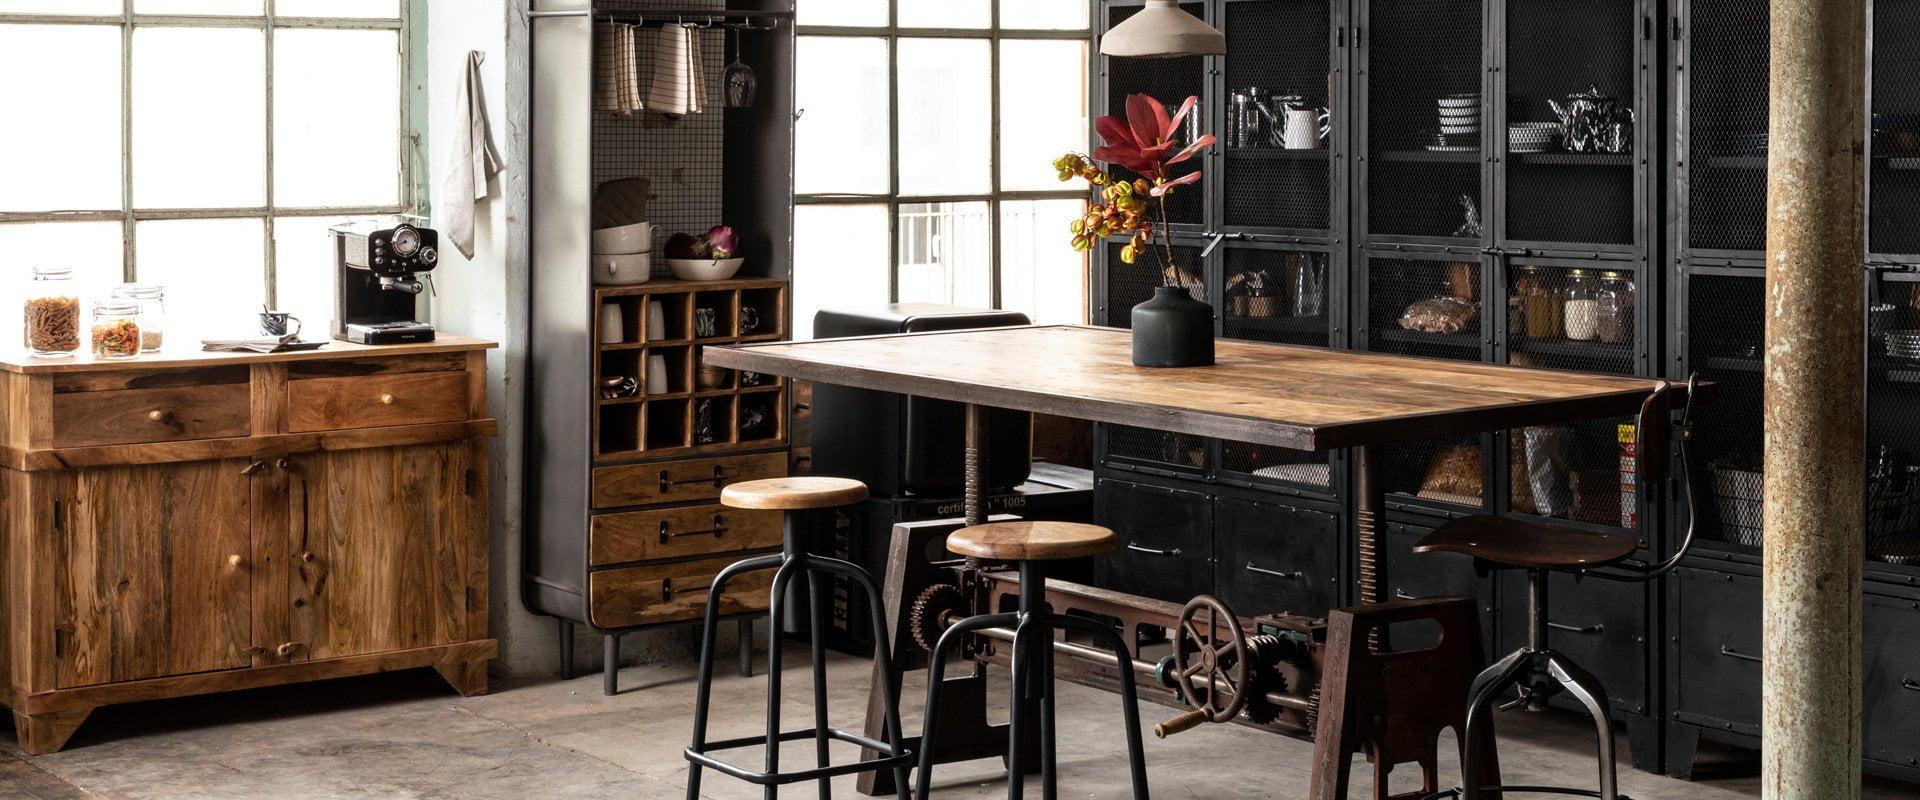 mobilier vintage industriel restaurant